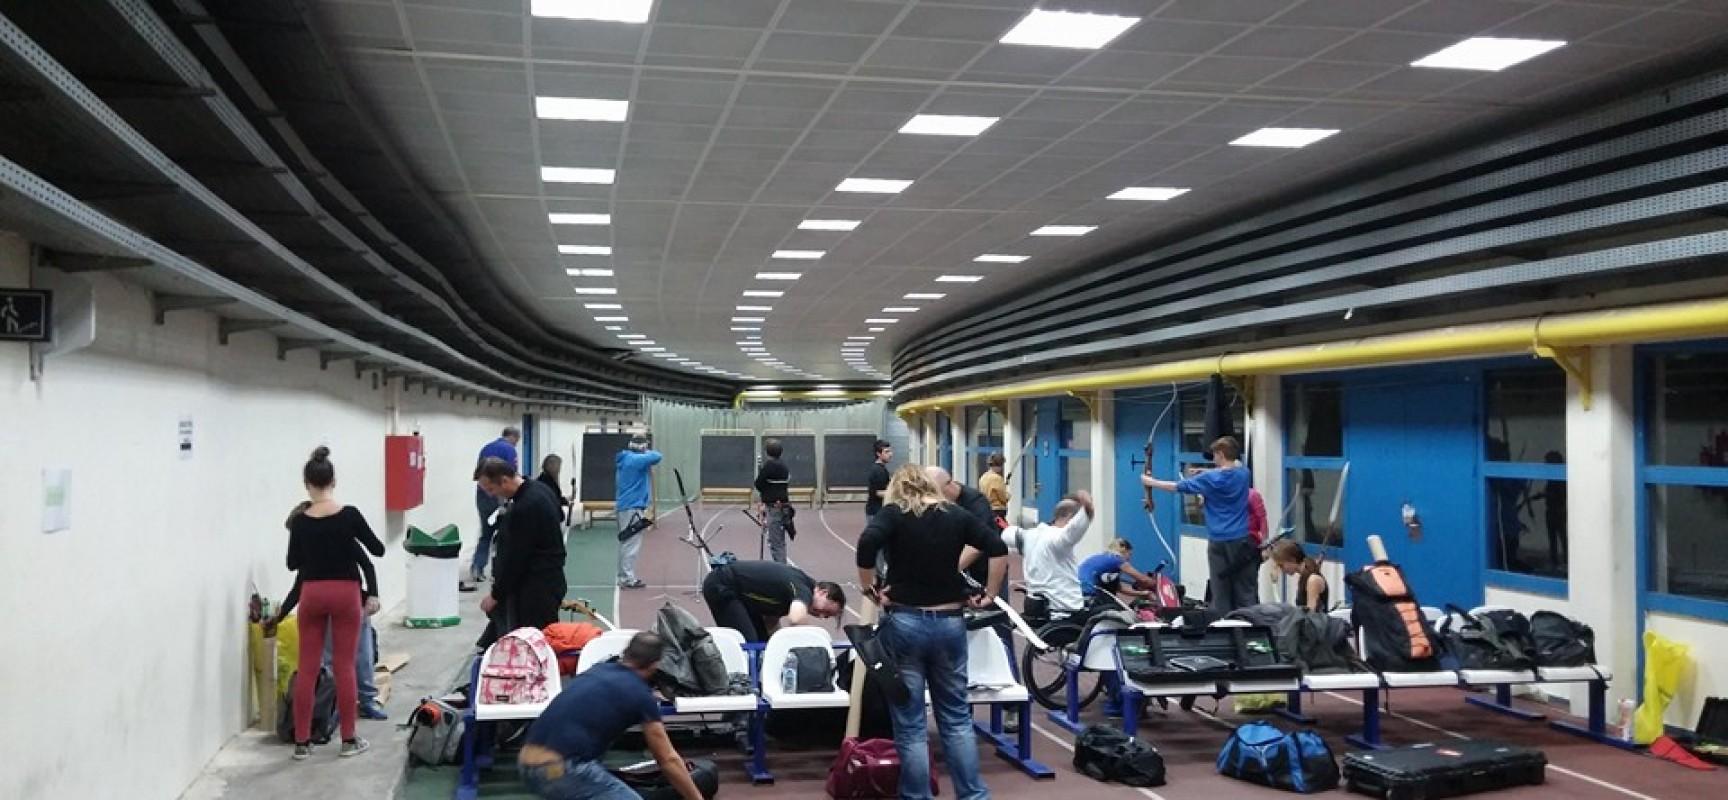 Πρόγραμμα προπονήσεων Ε.Ο. Νέων Ολυμπιακού Τόξου